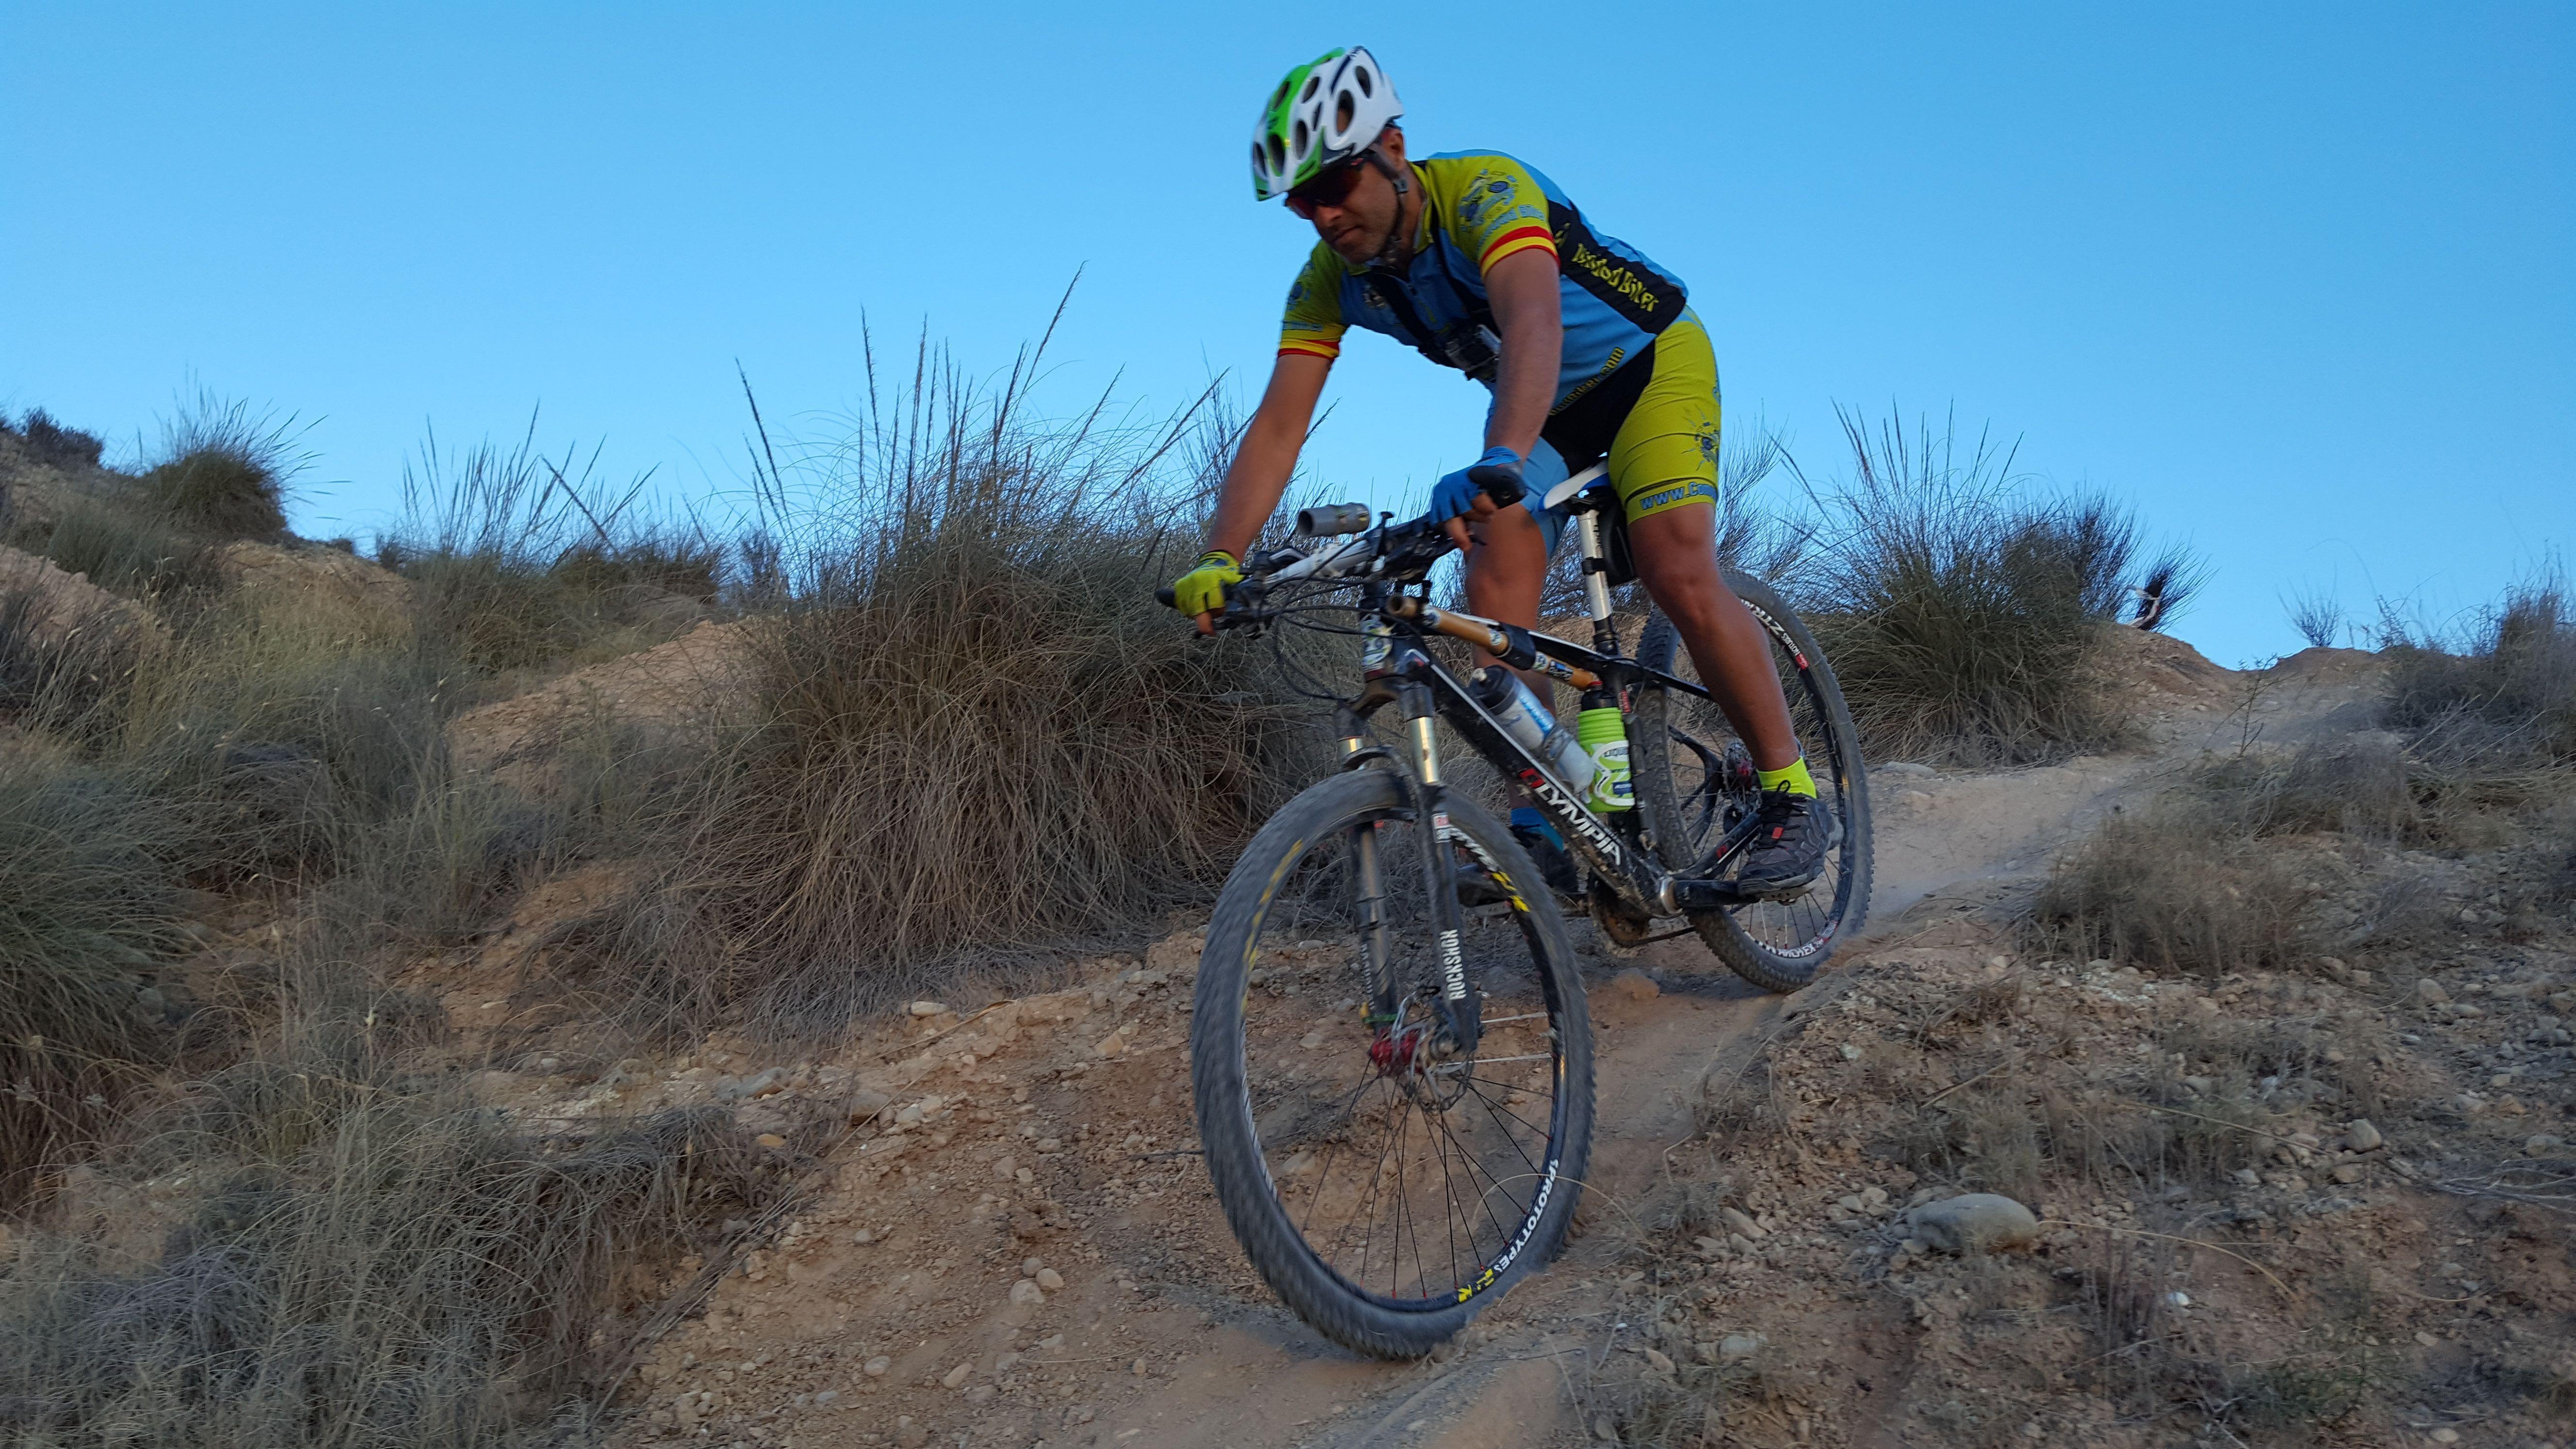 Técnica de descenso MTB, cómo bajar por sendas con la bici de forma segura